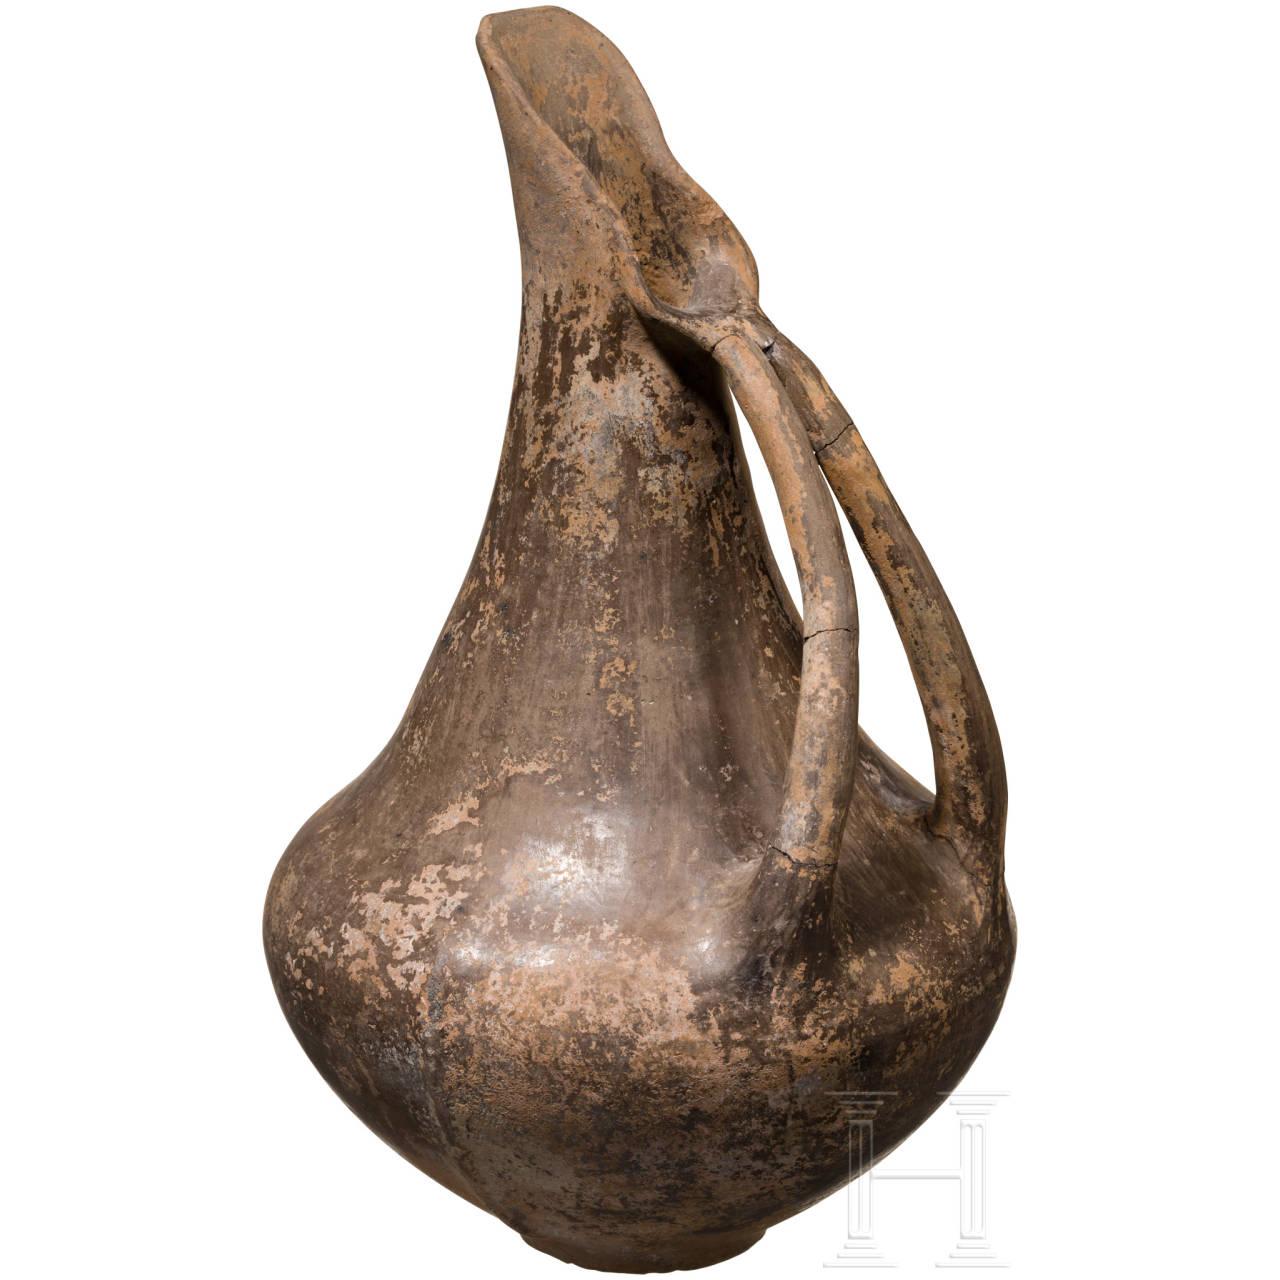 Schnabelkanne, frühetruskisch, spätes 8. - Mitte 7. Jhdt. v. Chr.